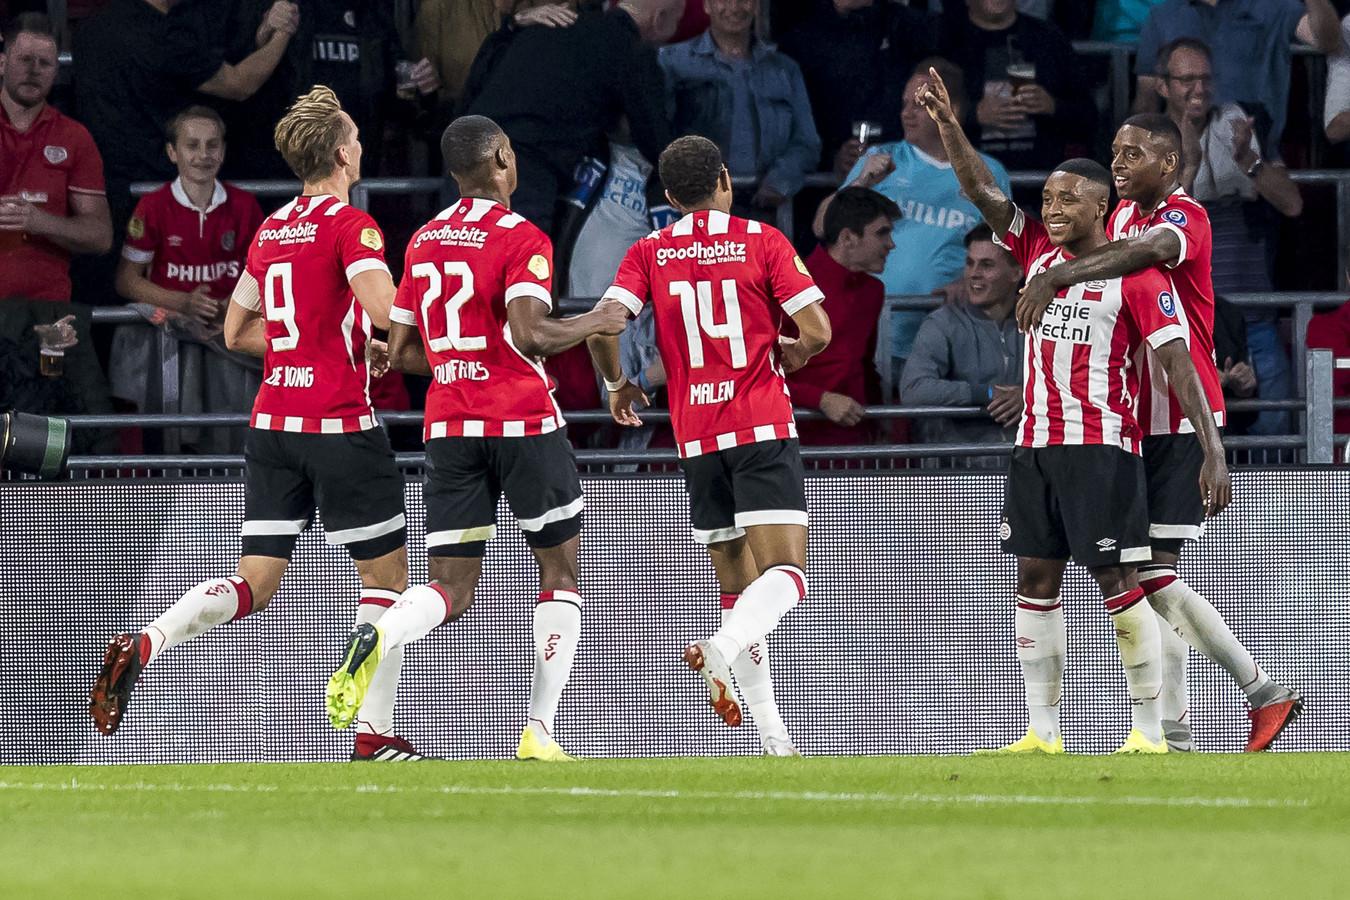 PSV won zaterdag met 6-1 van Willem II.